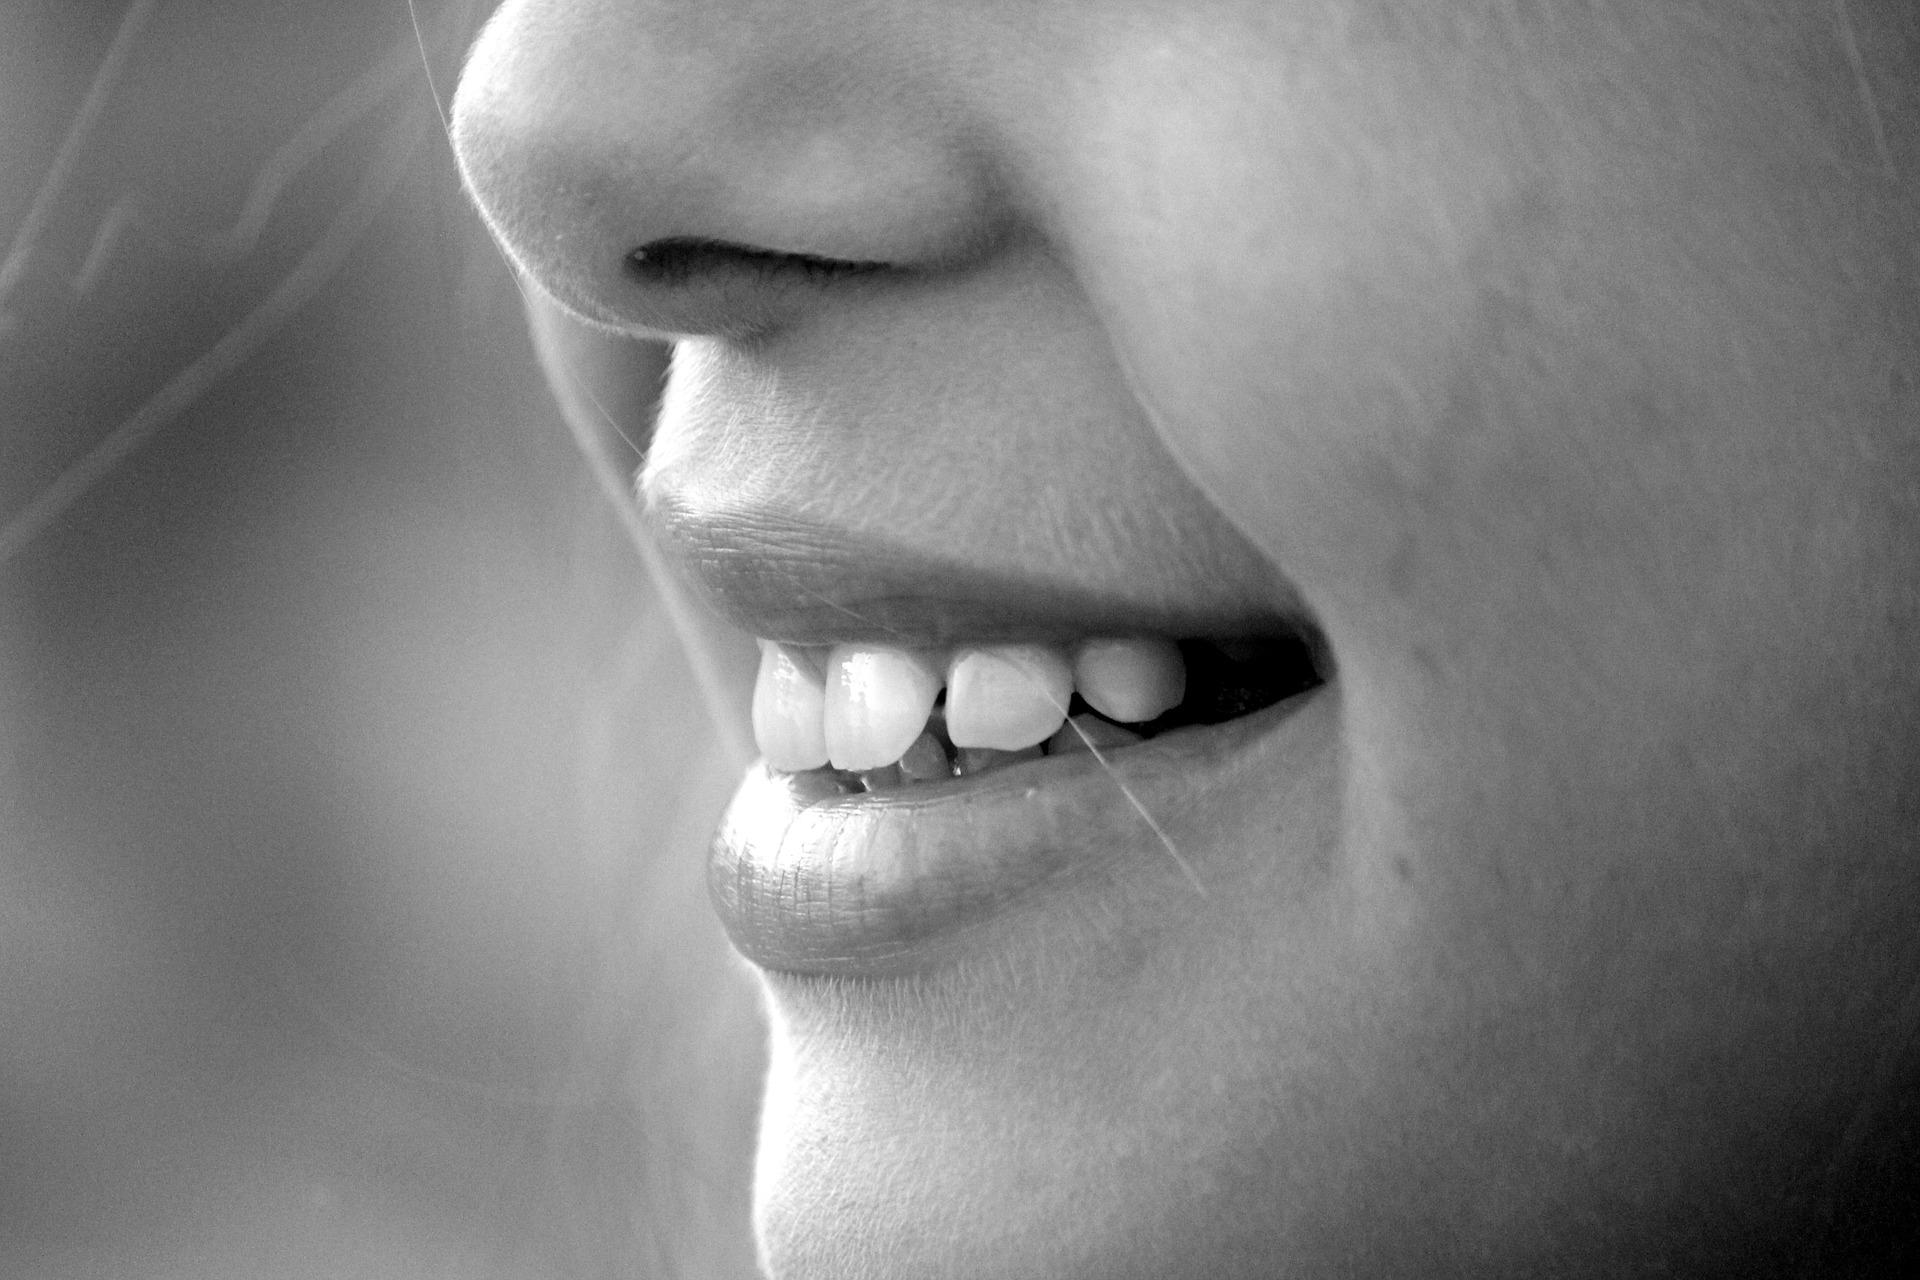 O zęby należy dbać od najmłodszych lat